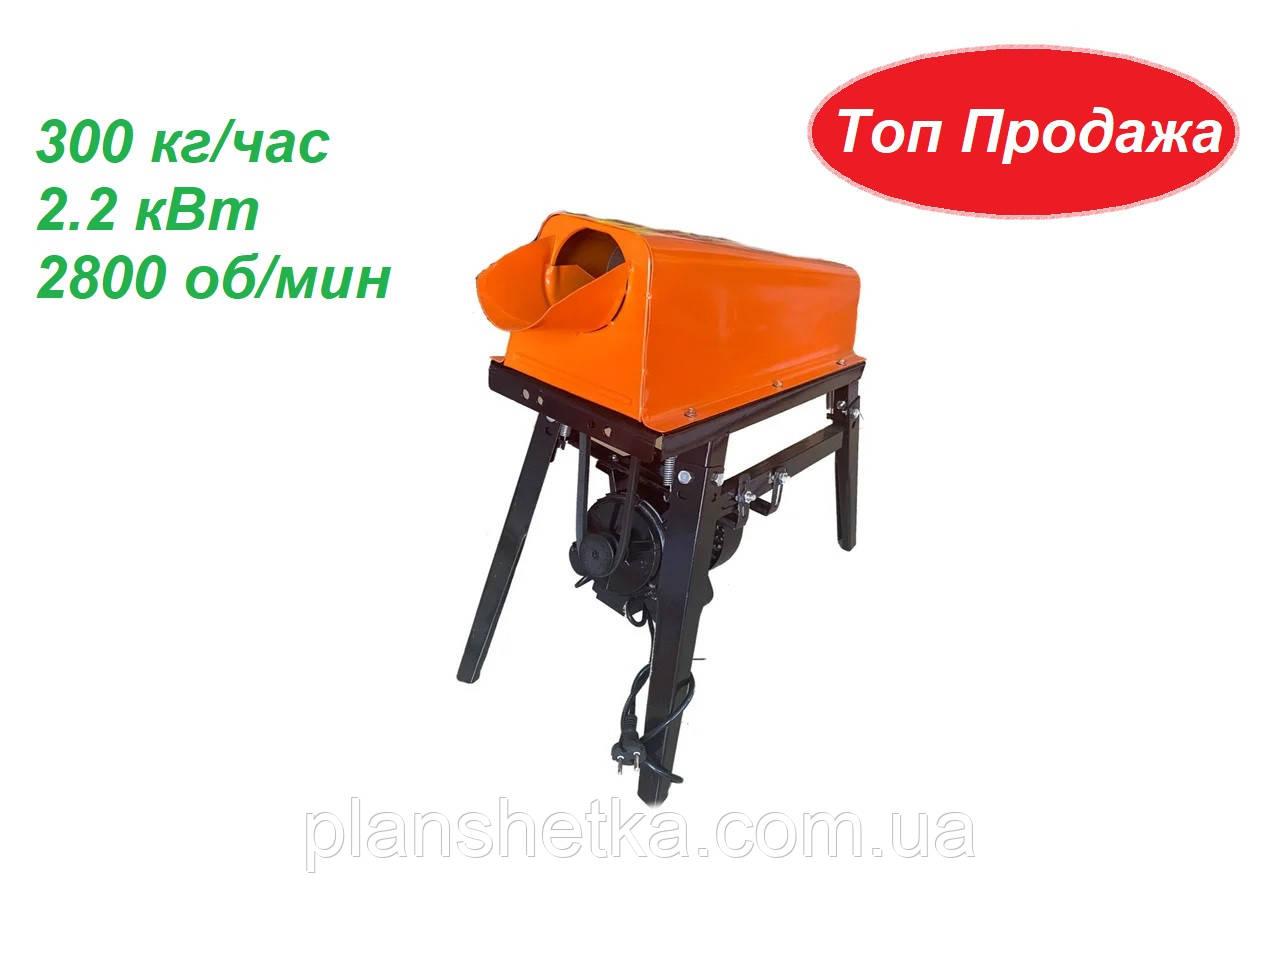 Кукурузолущилка електрична лущилка кукурудзи DY-002 (2,2 квт, 300 кг/год)